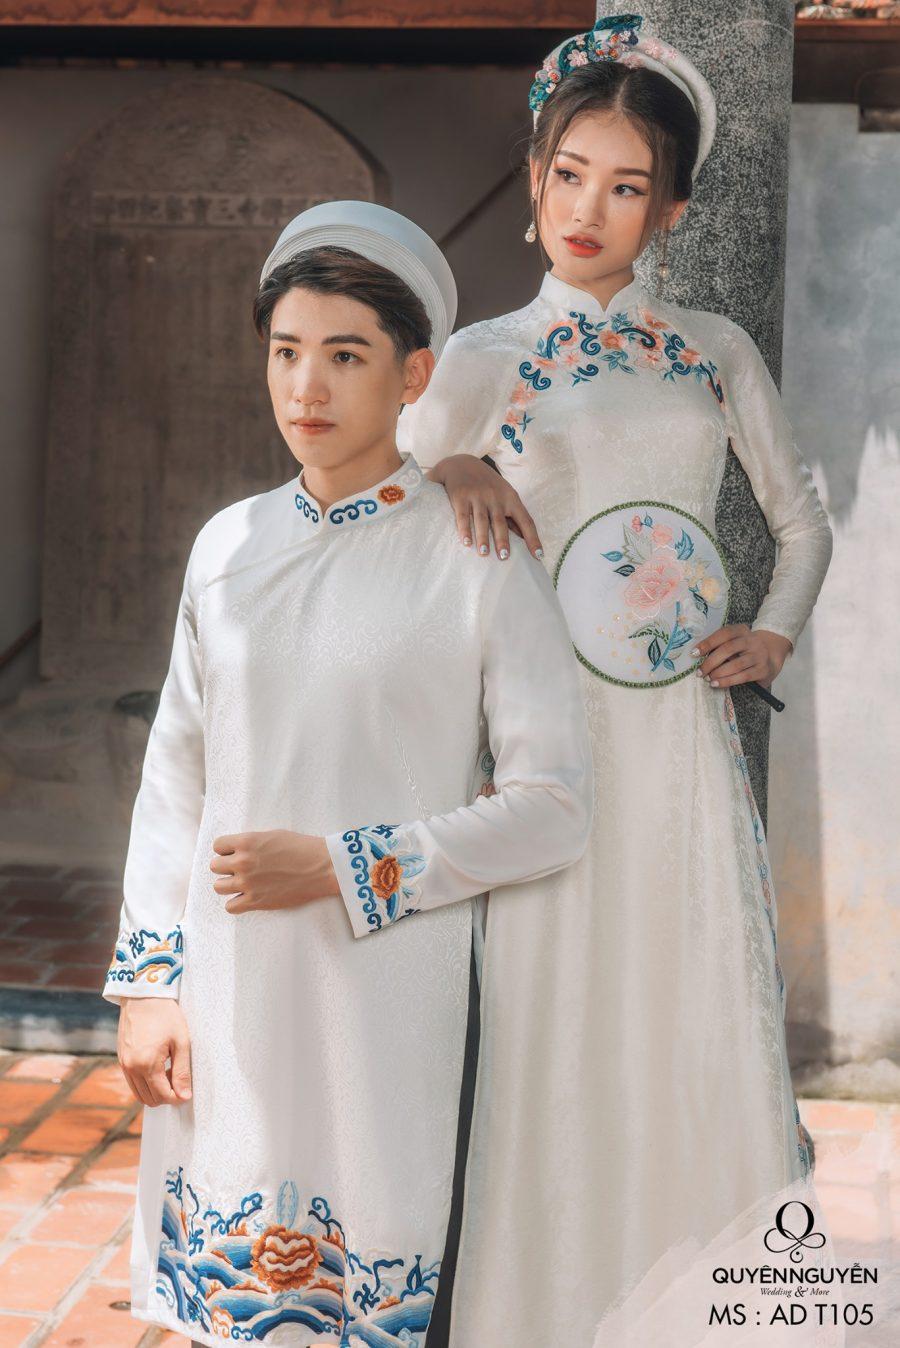 Quyên Nguyễn Bridal – Địa chỉ cho thuê áo dài top đầu tại Hà Nội